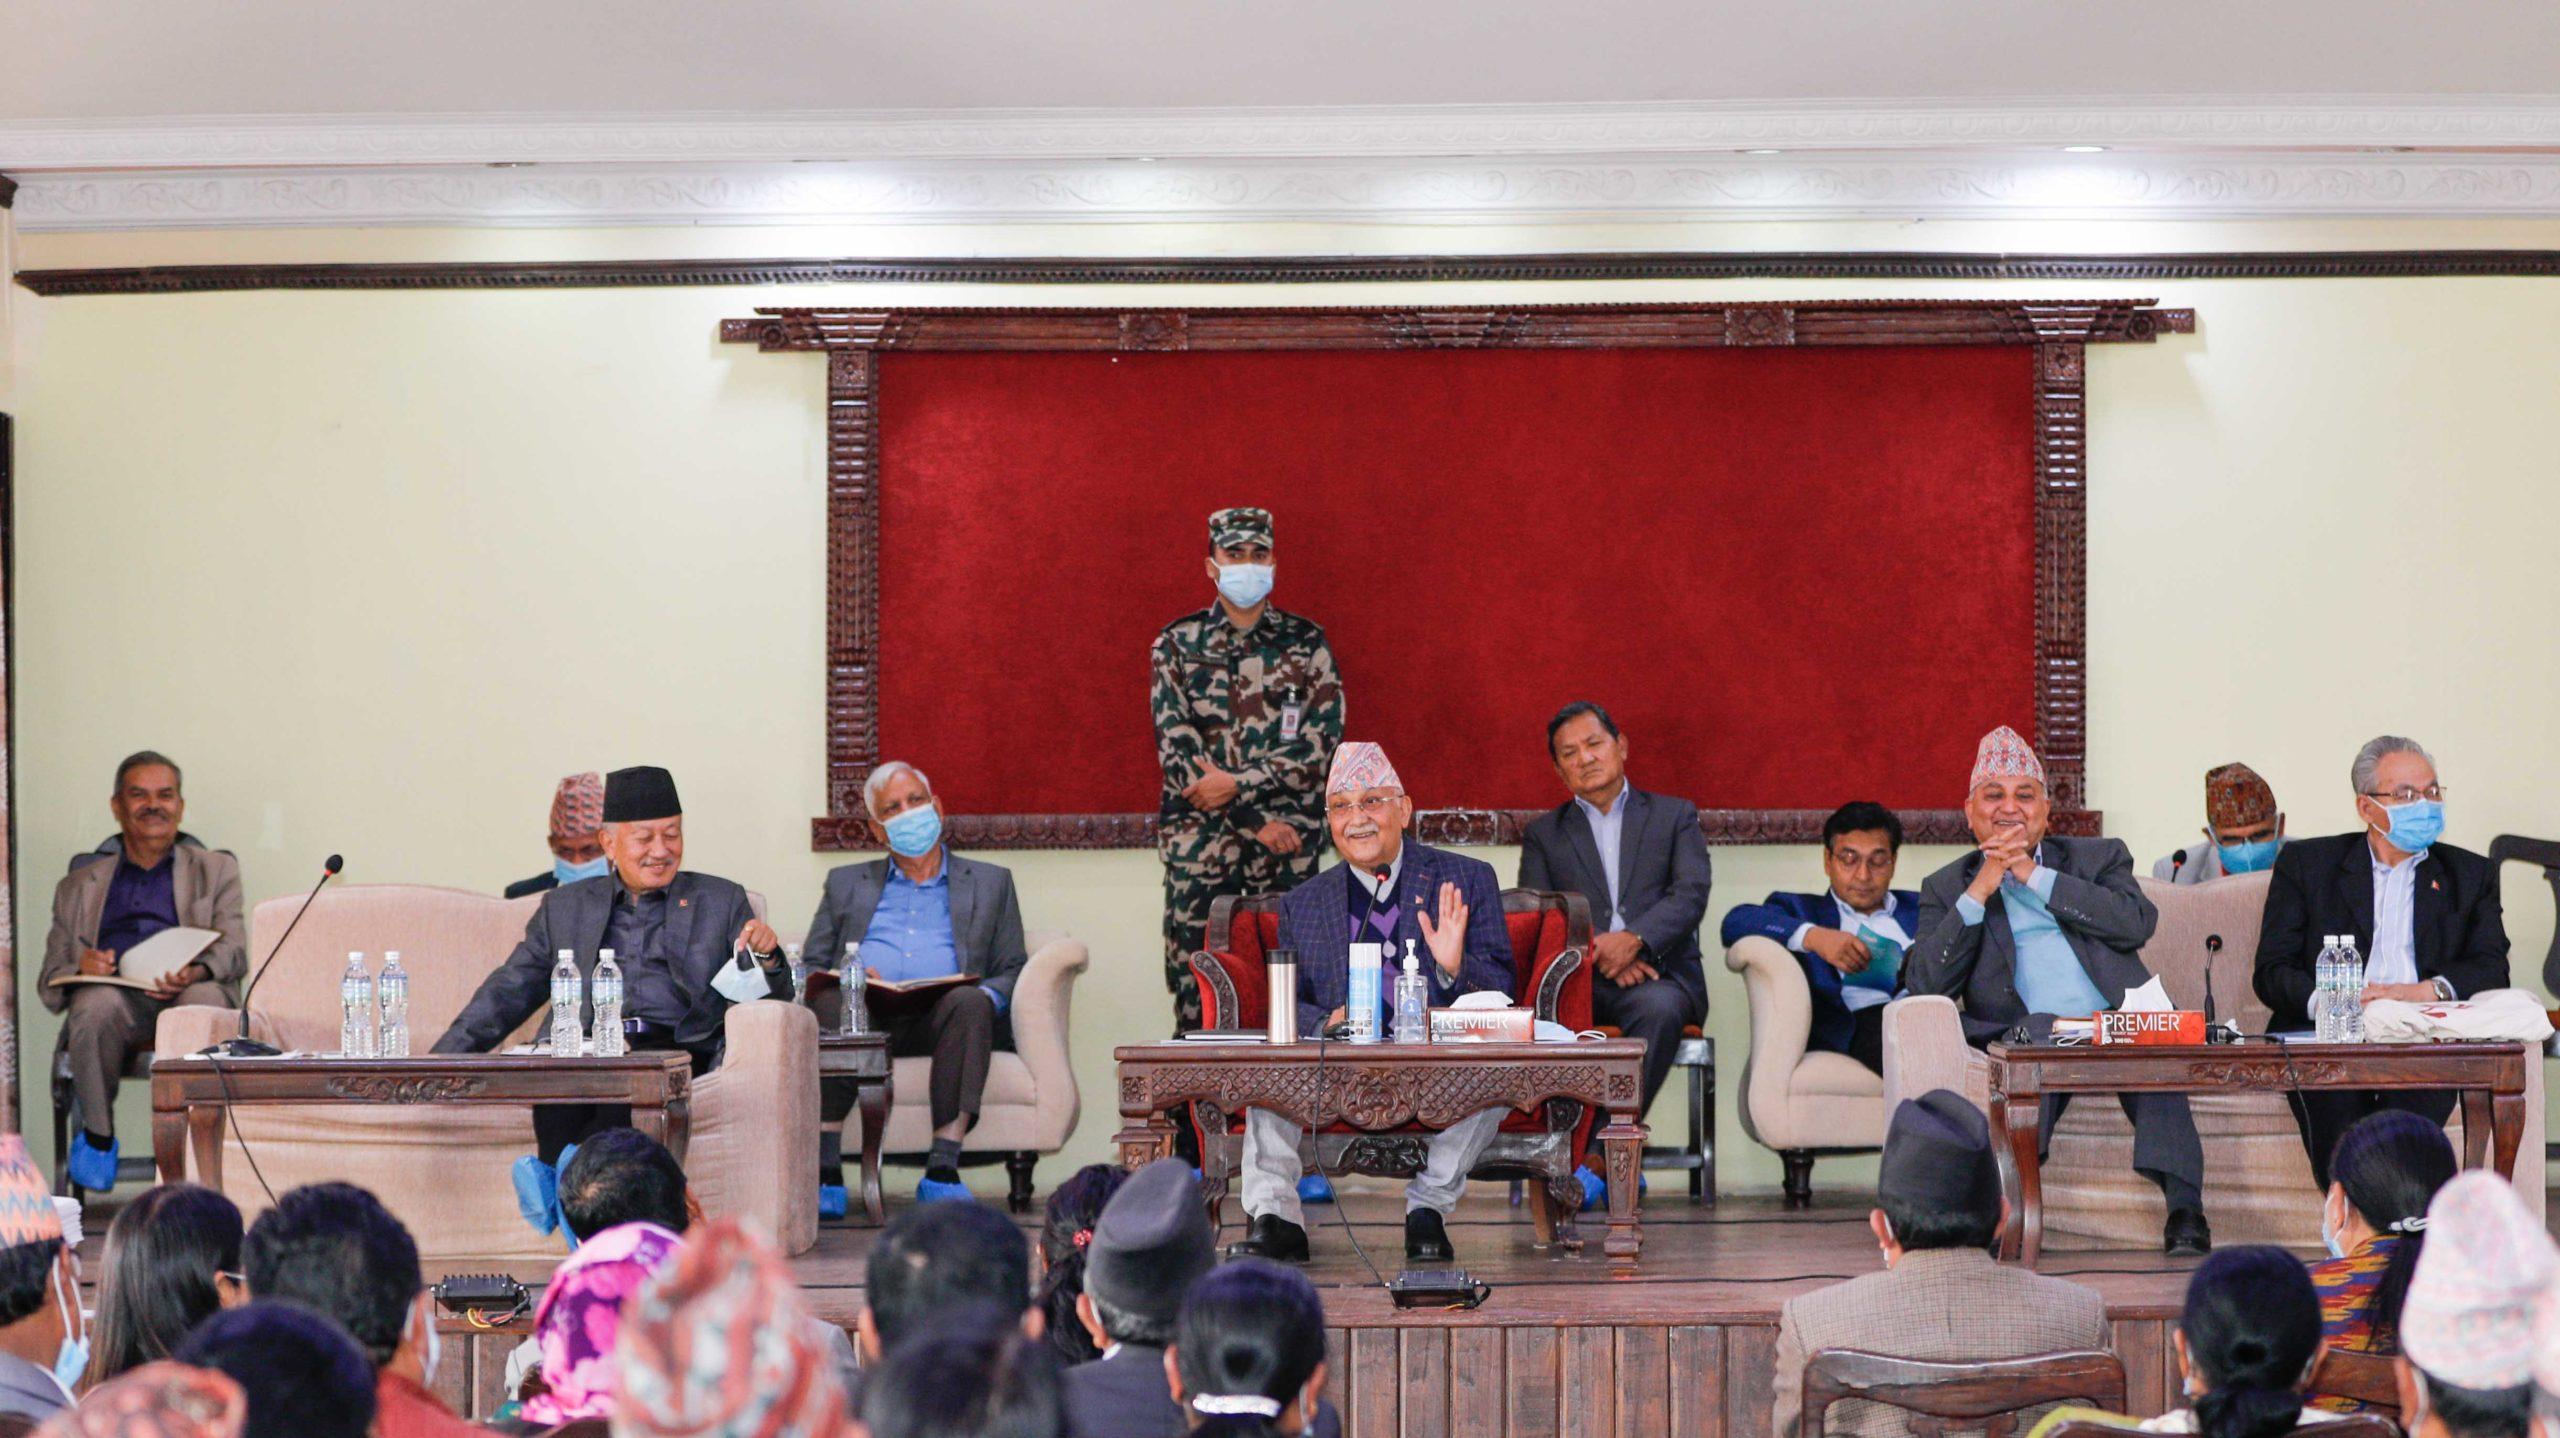 नेपालसहितका नेताहरुलाई स्पष्टीकरण सोध्ने एमाले केन्द्रीय समितिको निर्णय